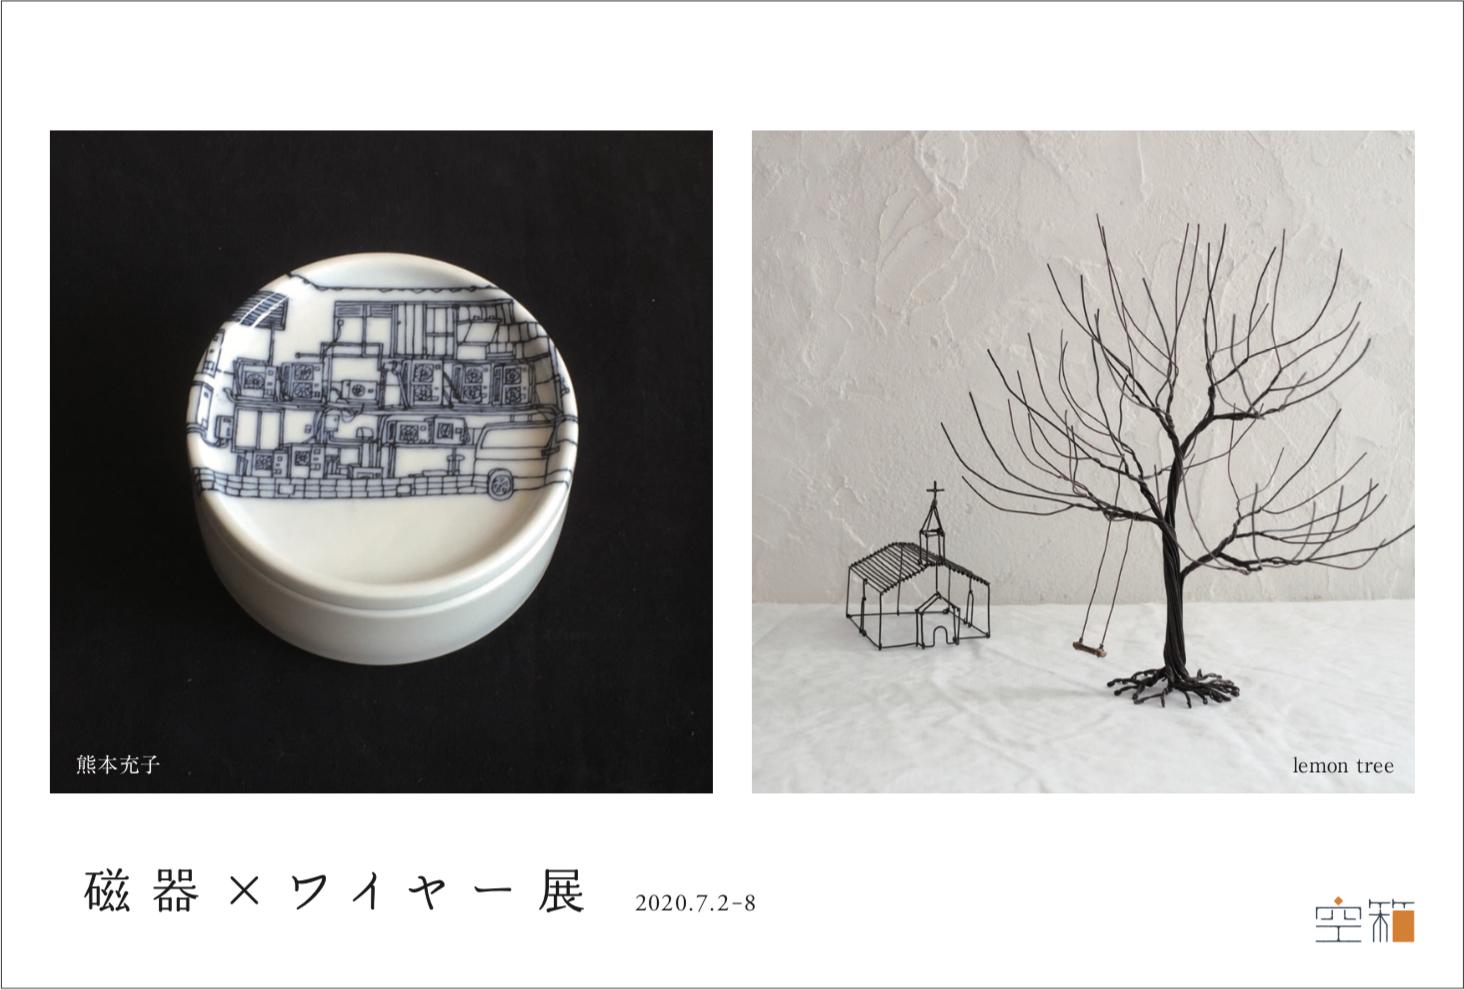 熊本充子 作品のweb販売は7/7(火)11:00から7/13(月)17::00までとなります。